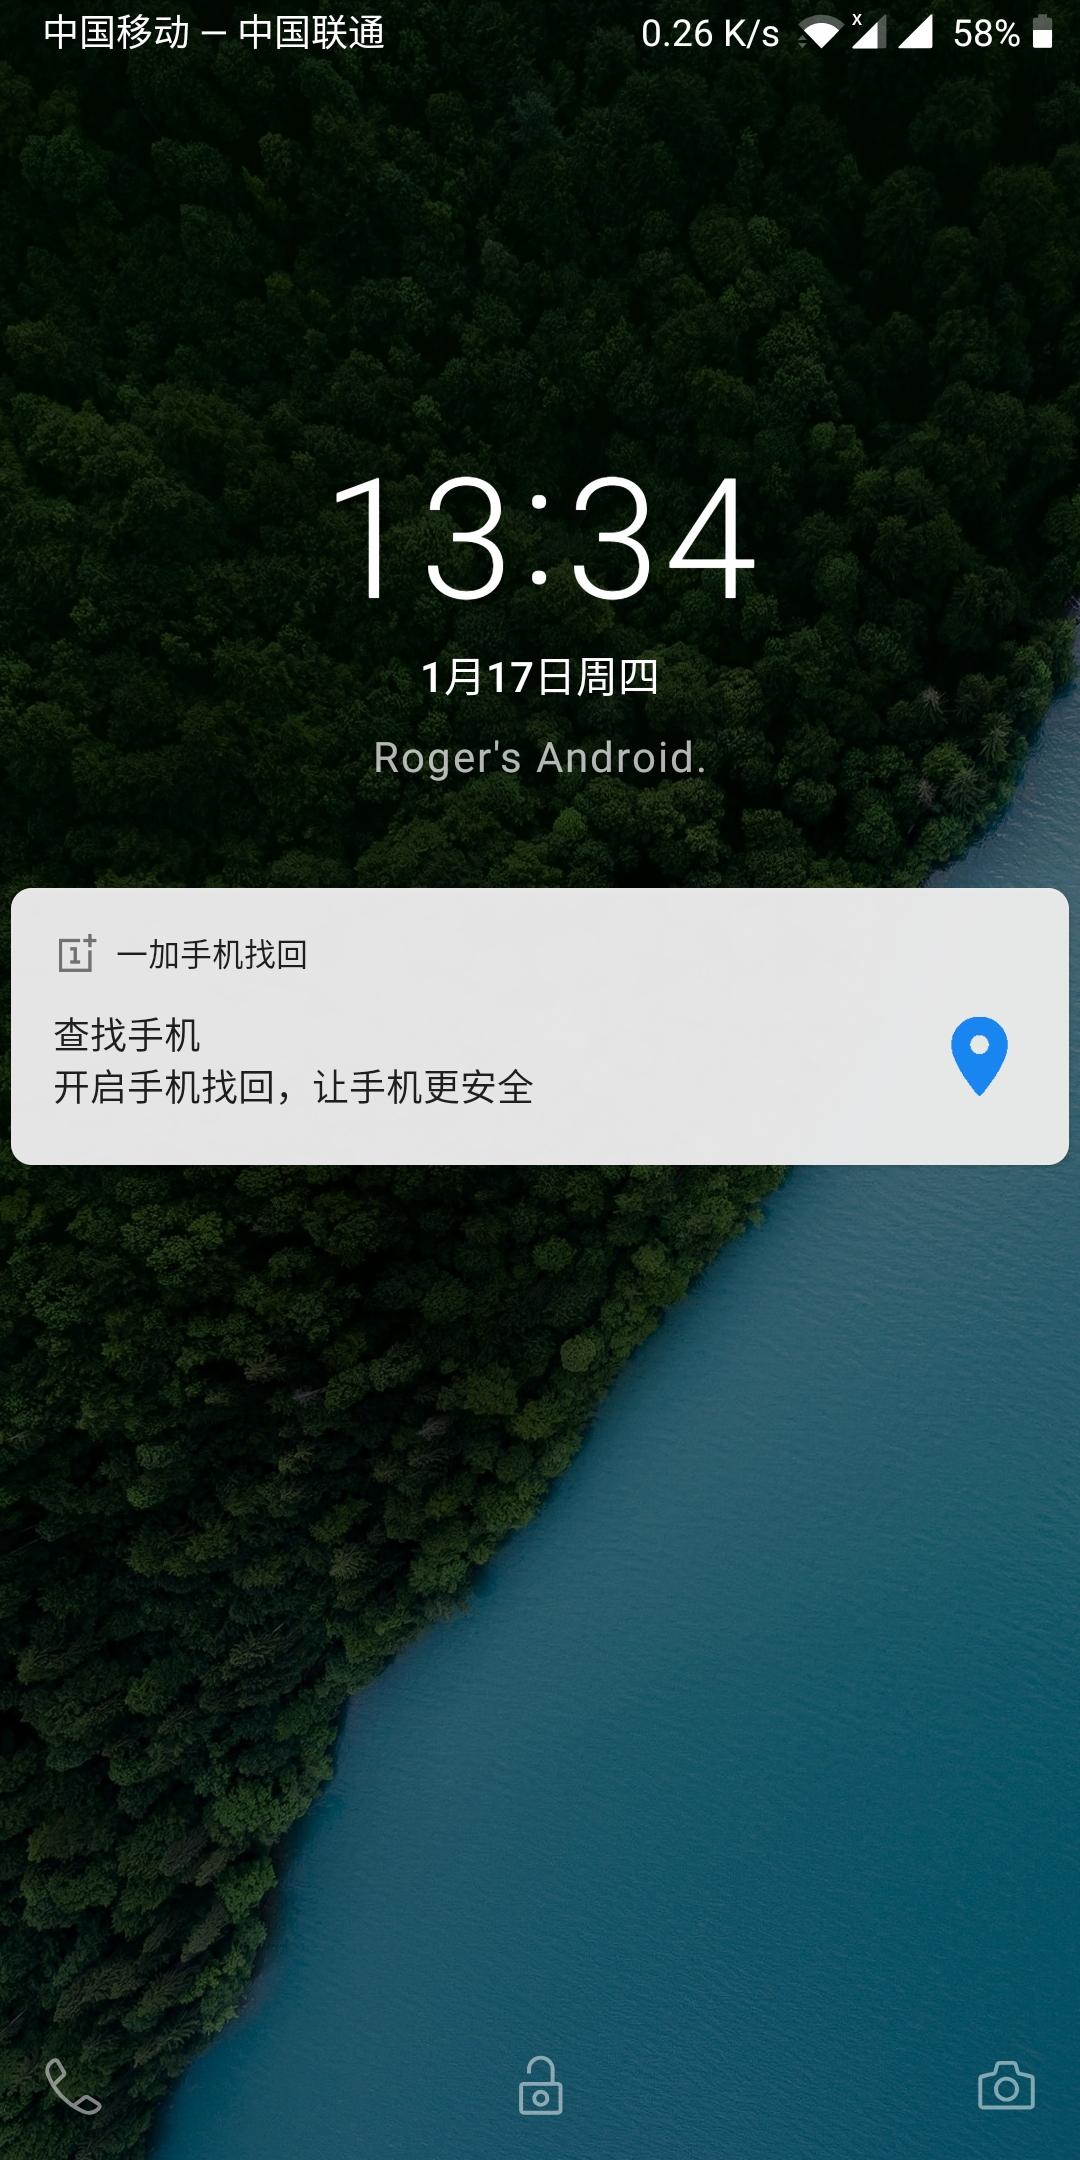 Screenshot_20190117-133408.jpg